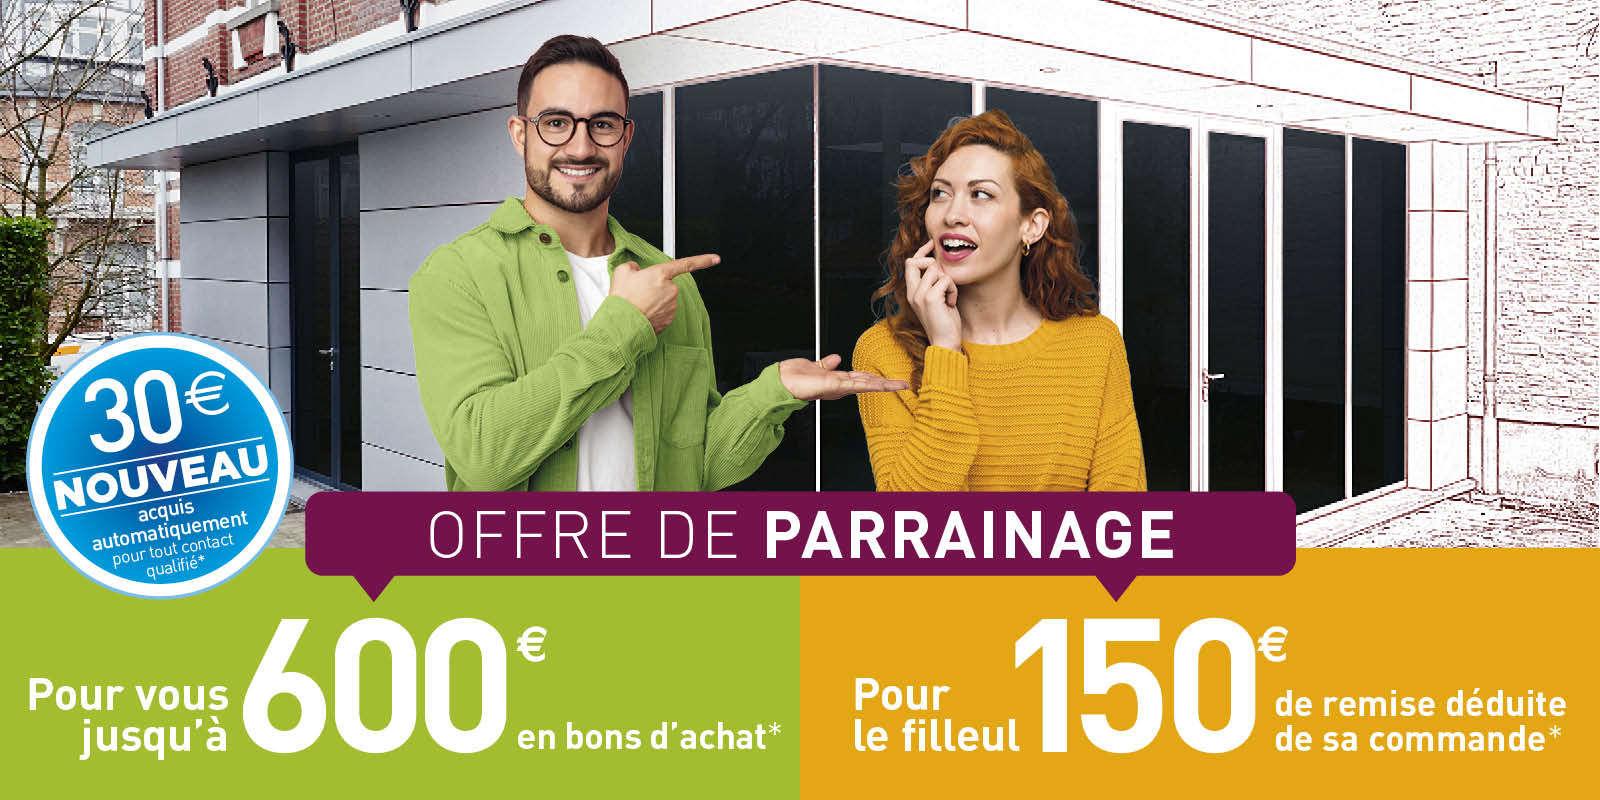 Programme parrainage WEISZ - jusqu'à 600 €